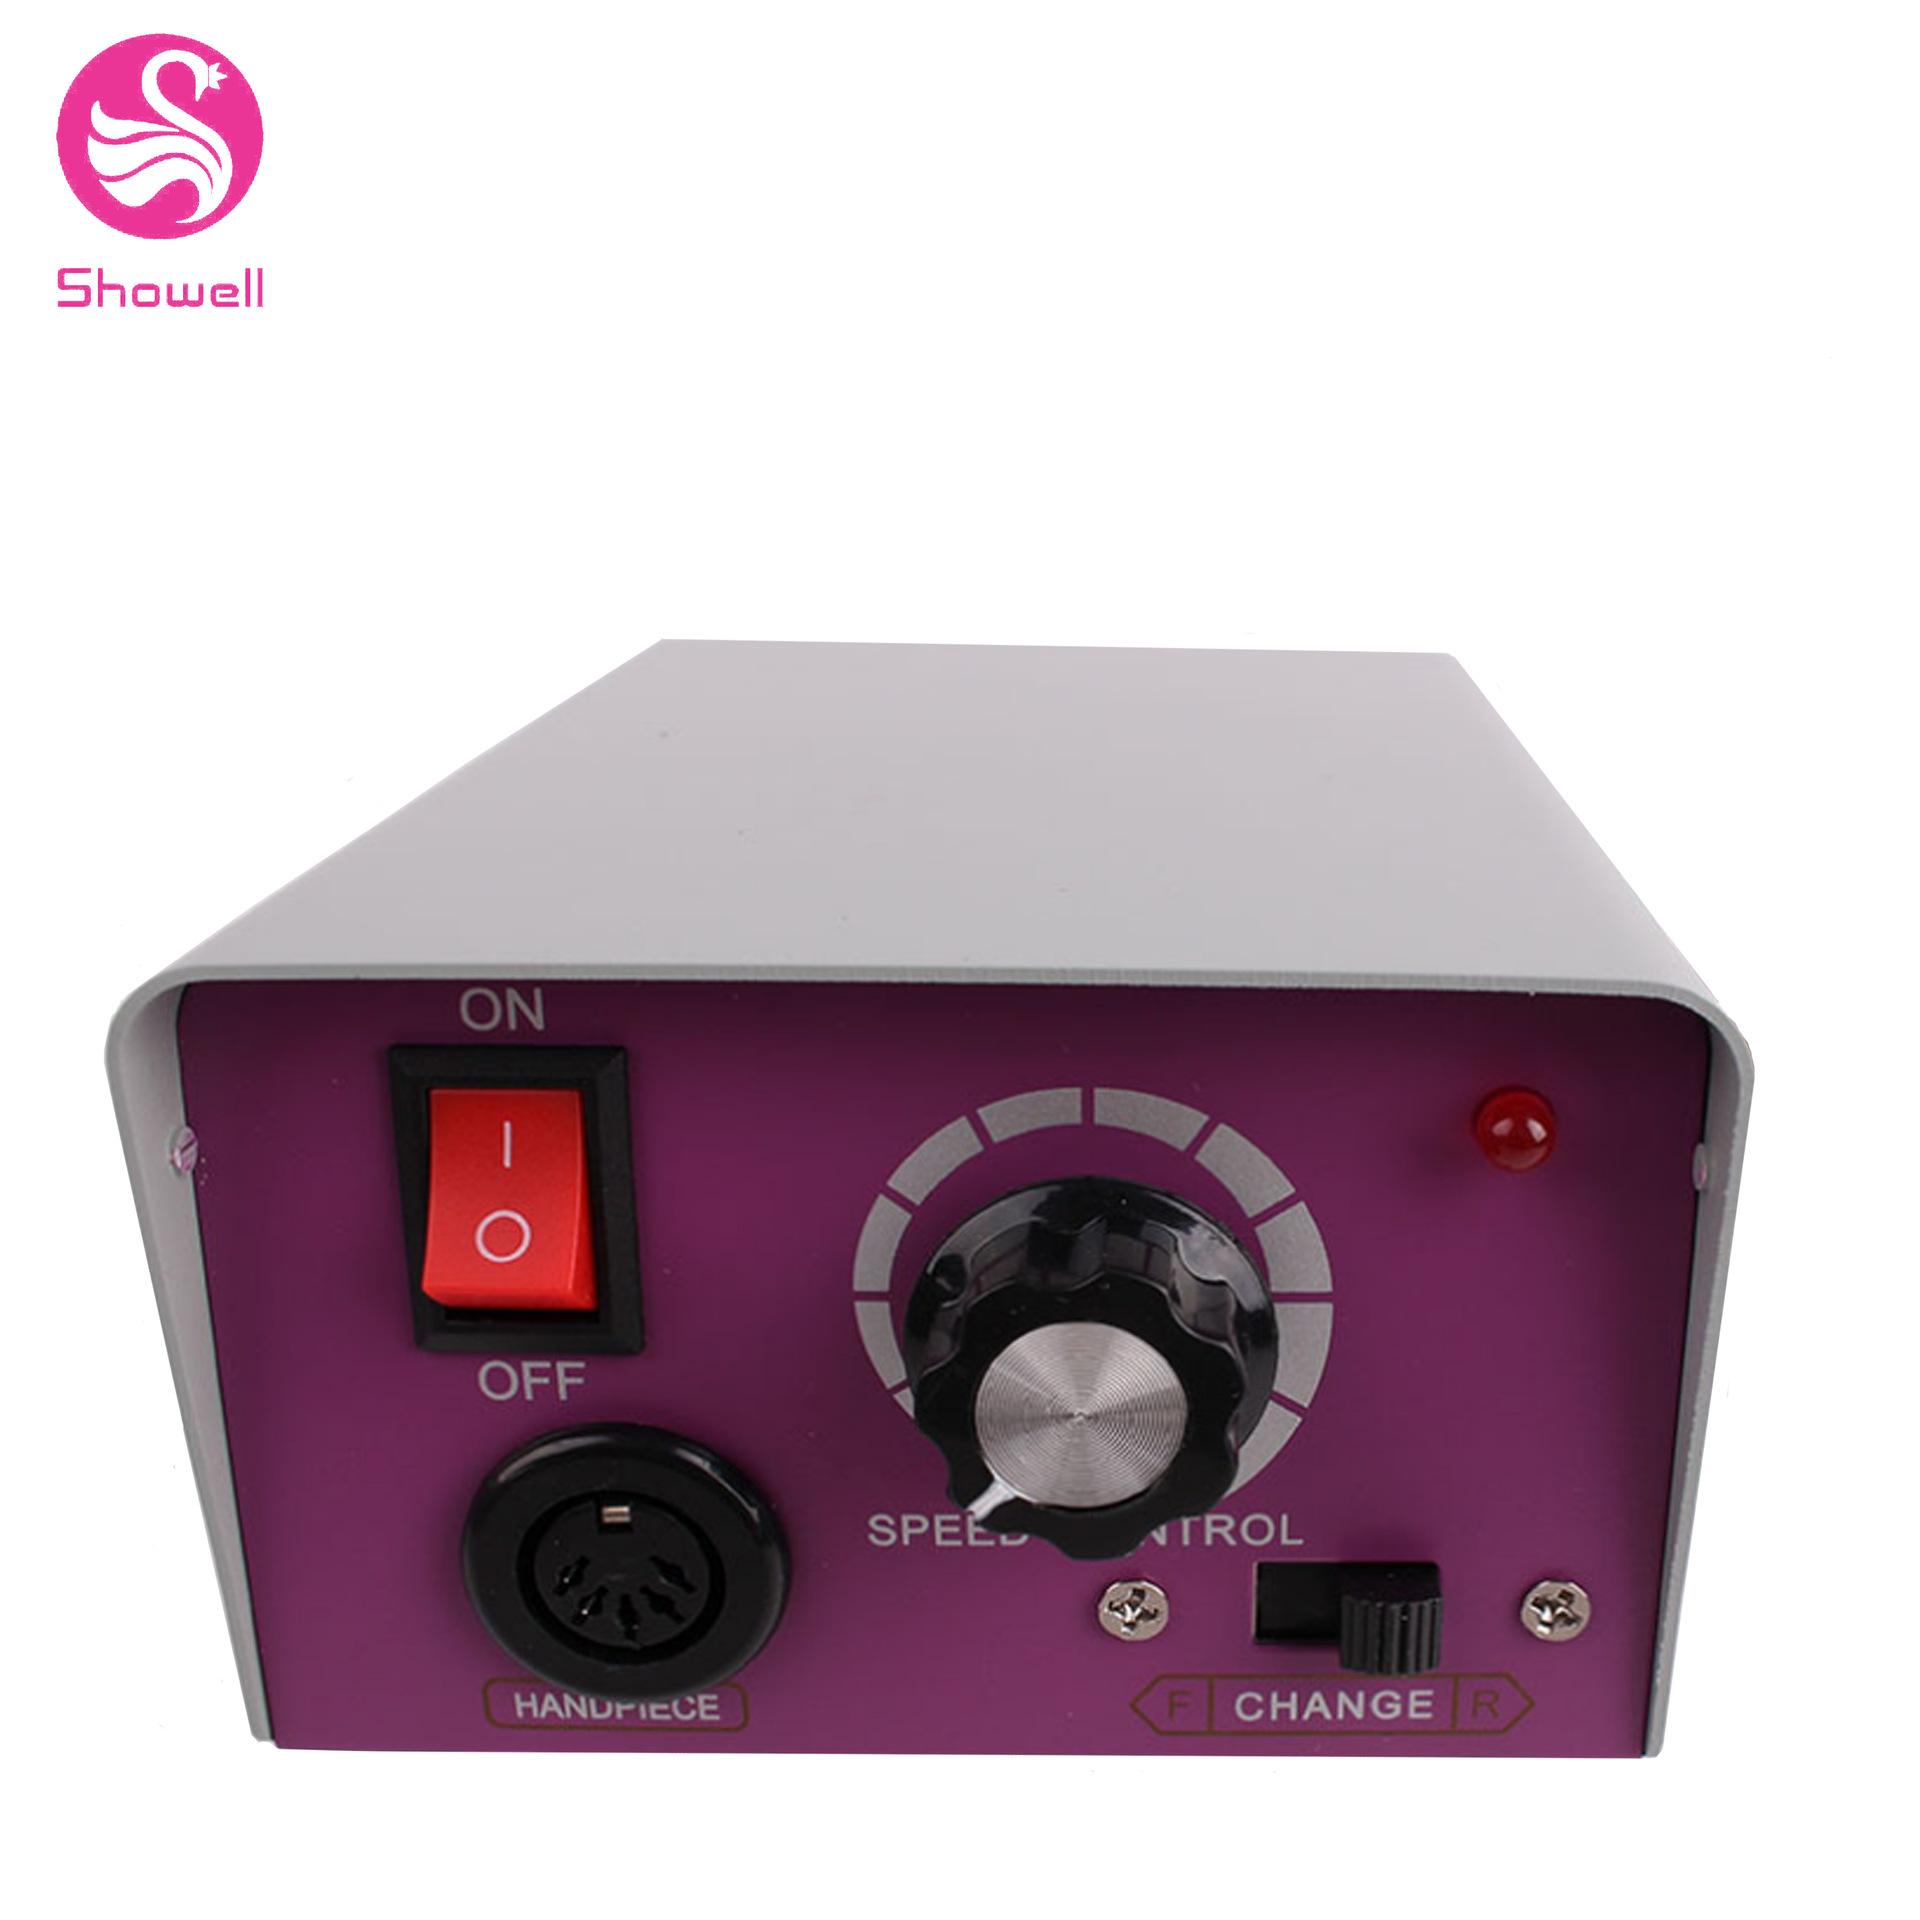 美甲打磨机 MM-25000打磨机 电动美甲打磨机 高转速热销打磨机